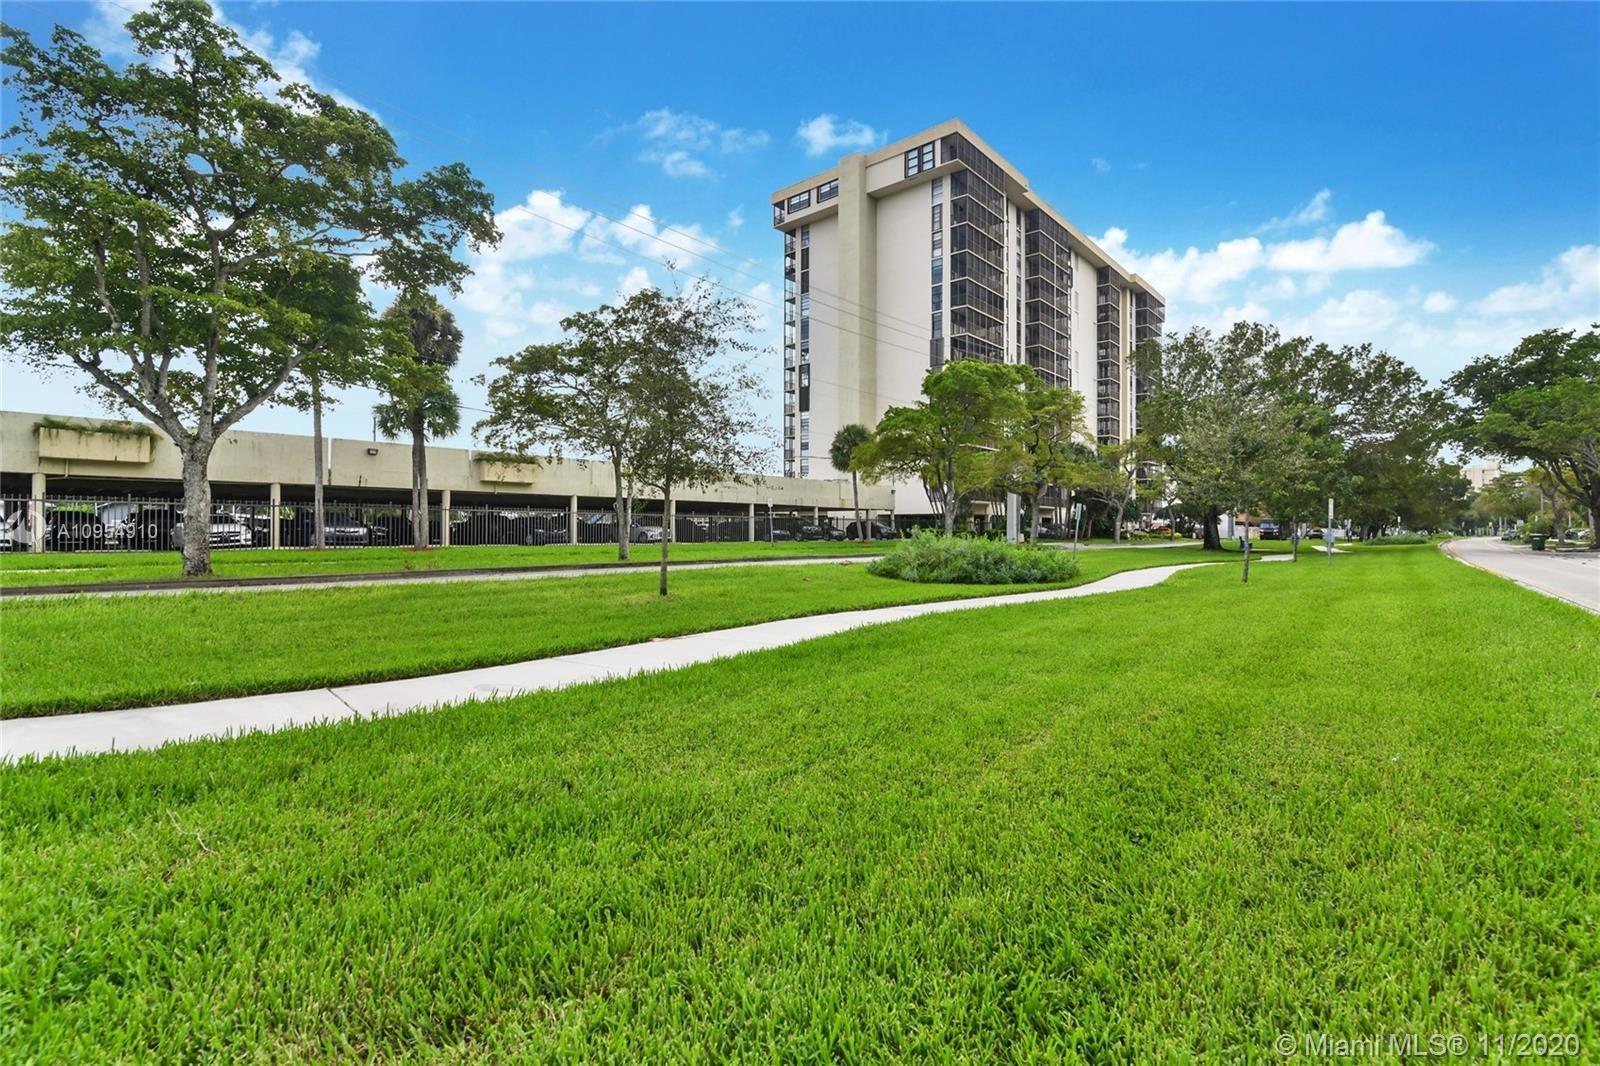 2500 NE 135th St #B1006, North Miami, FL 33181 - #: A10954910